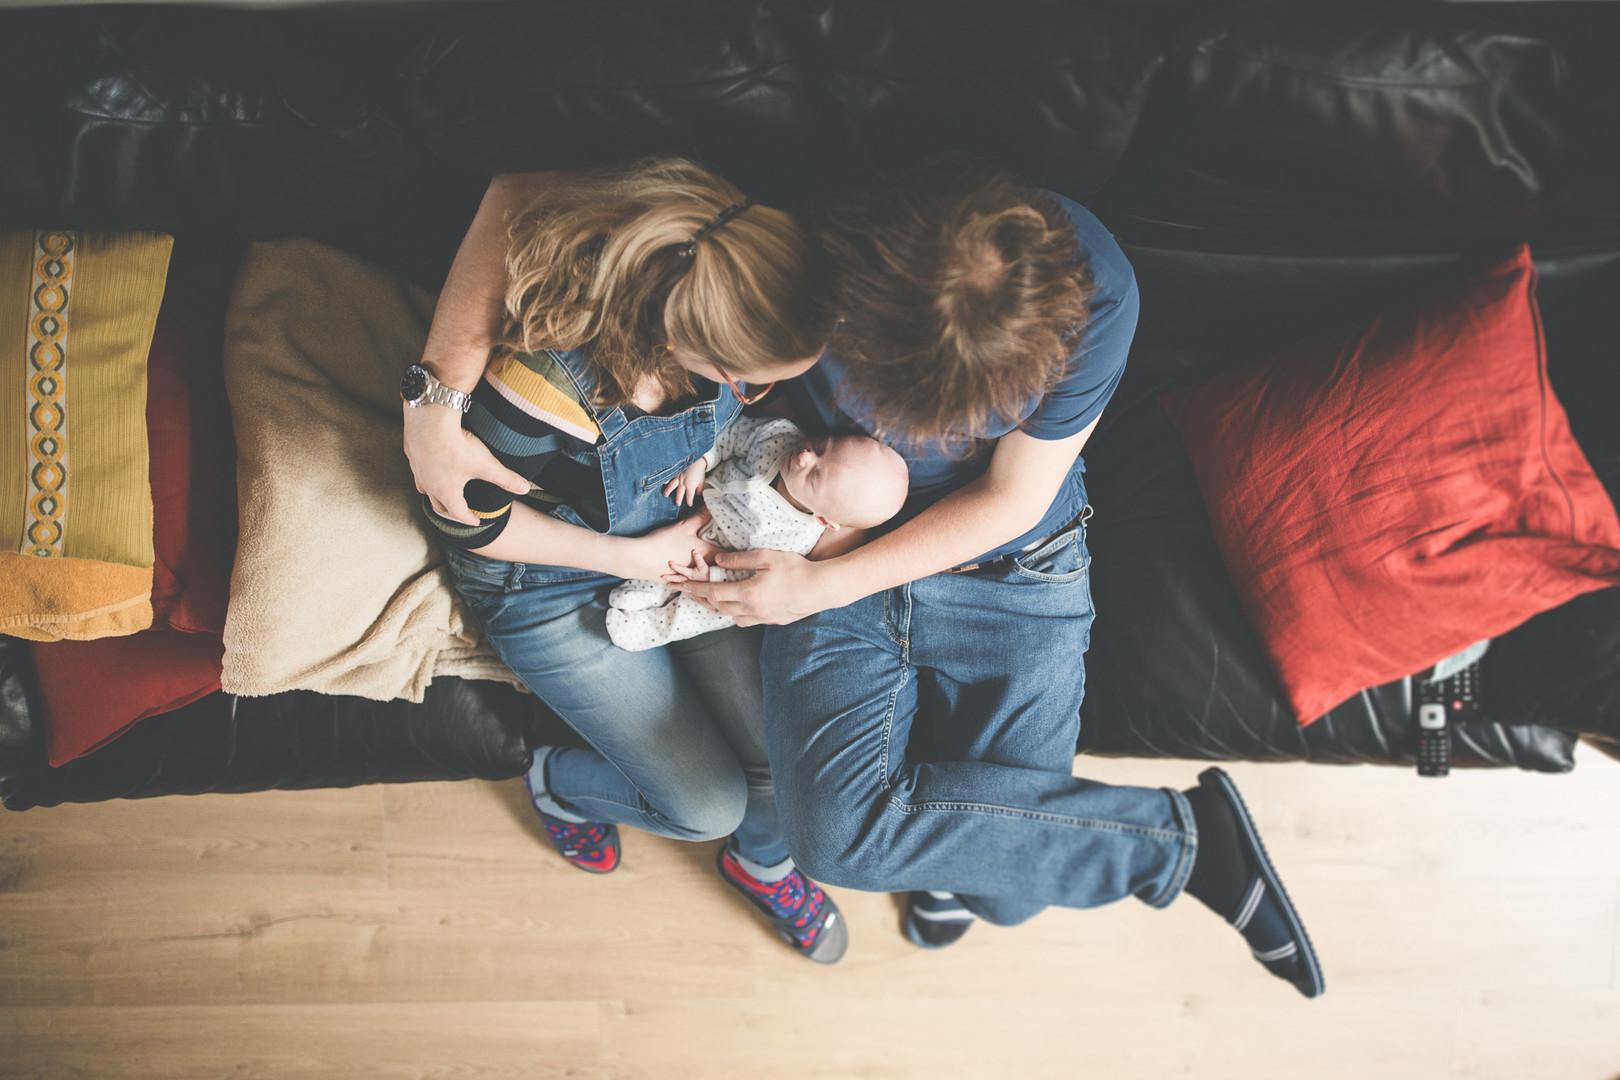 Kelly, Jasper & Corneel